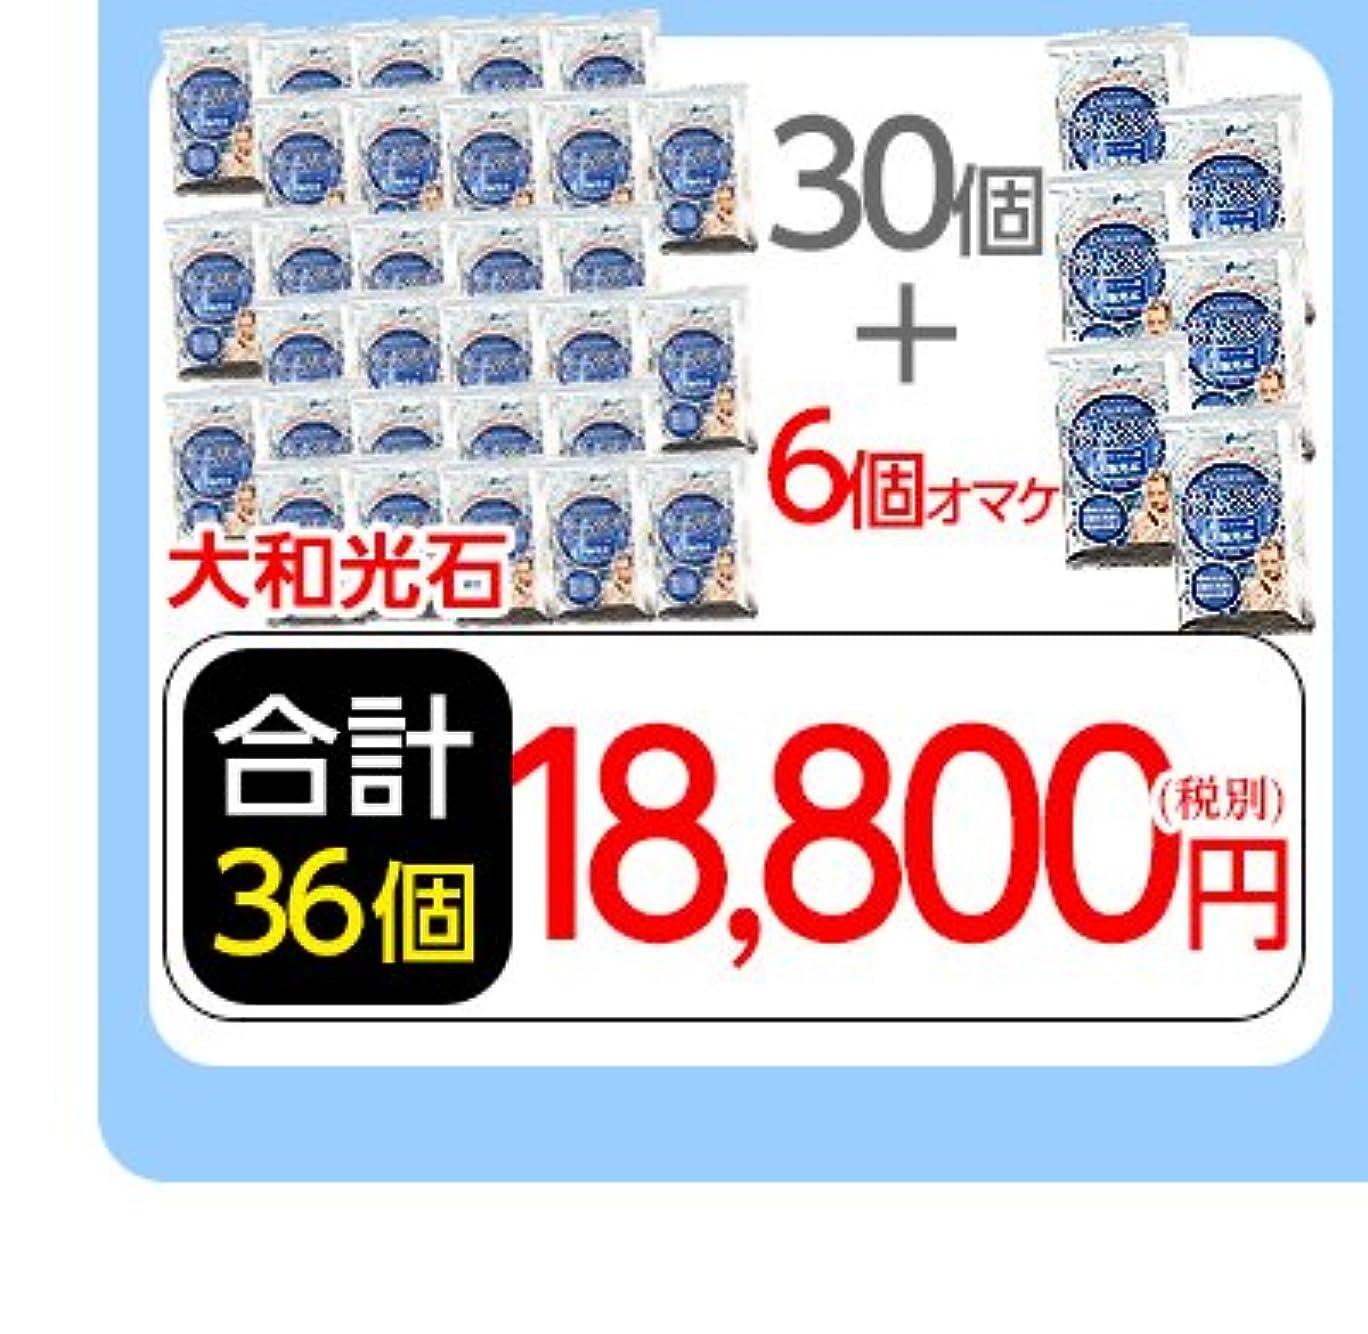 確認する対話ポルティコデトキシャン水素スパ☆大和光石30個+6個オマケ